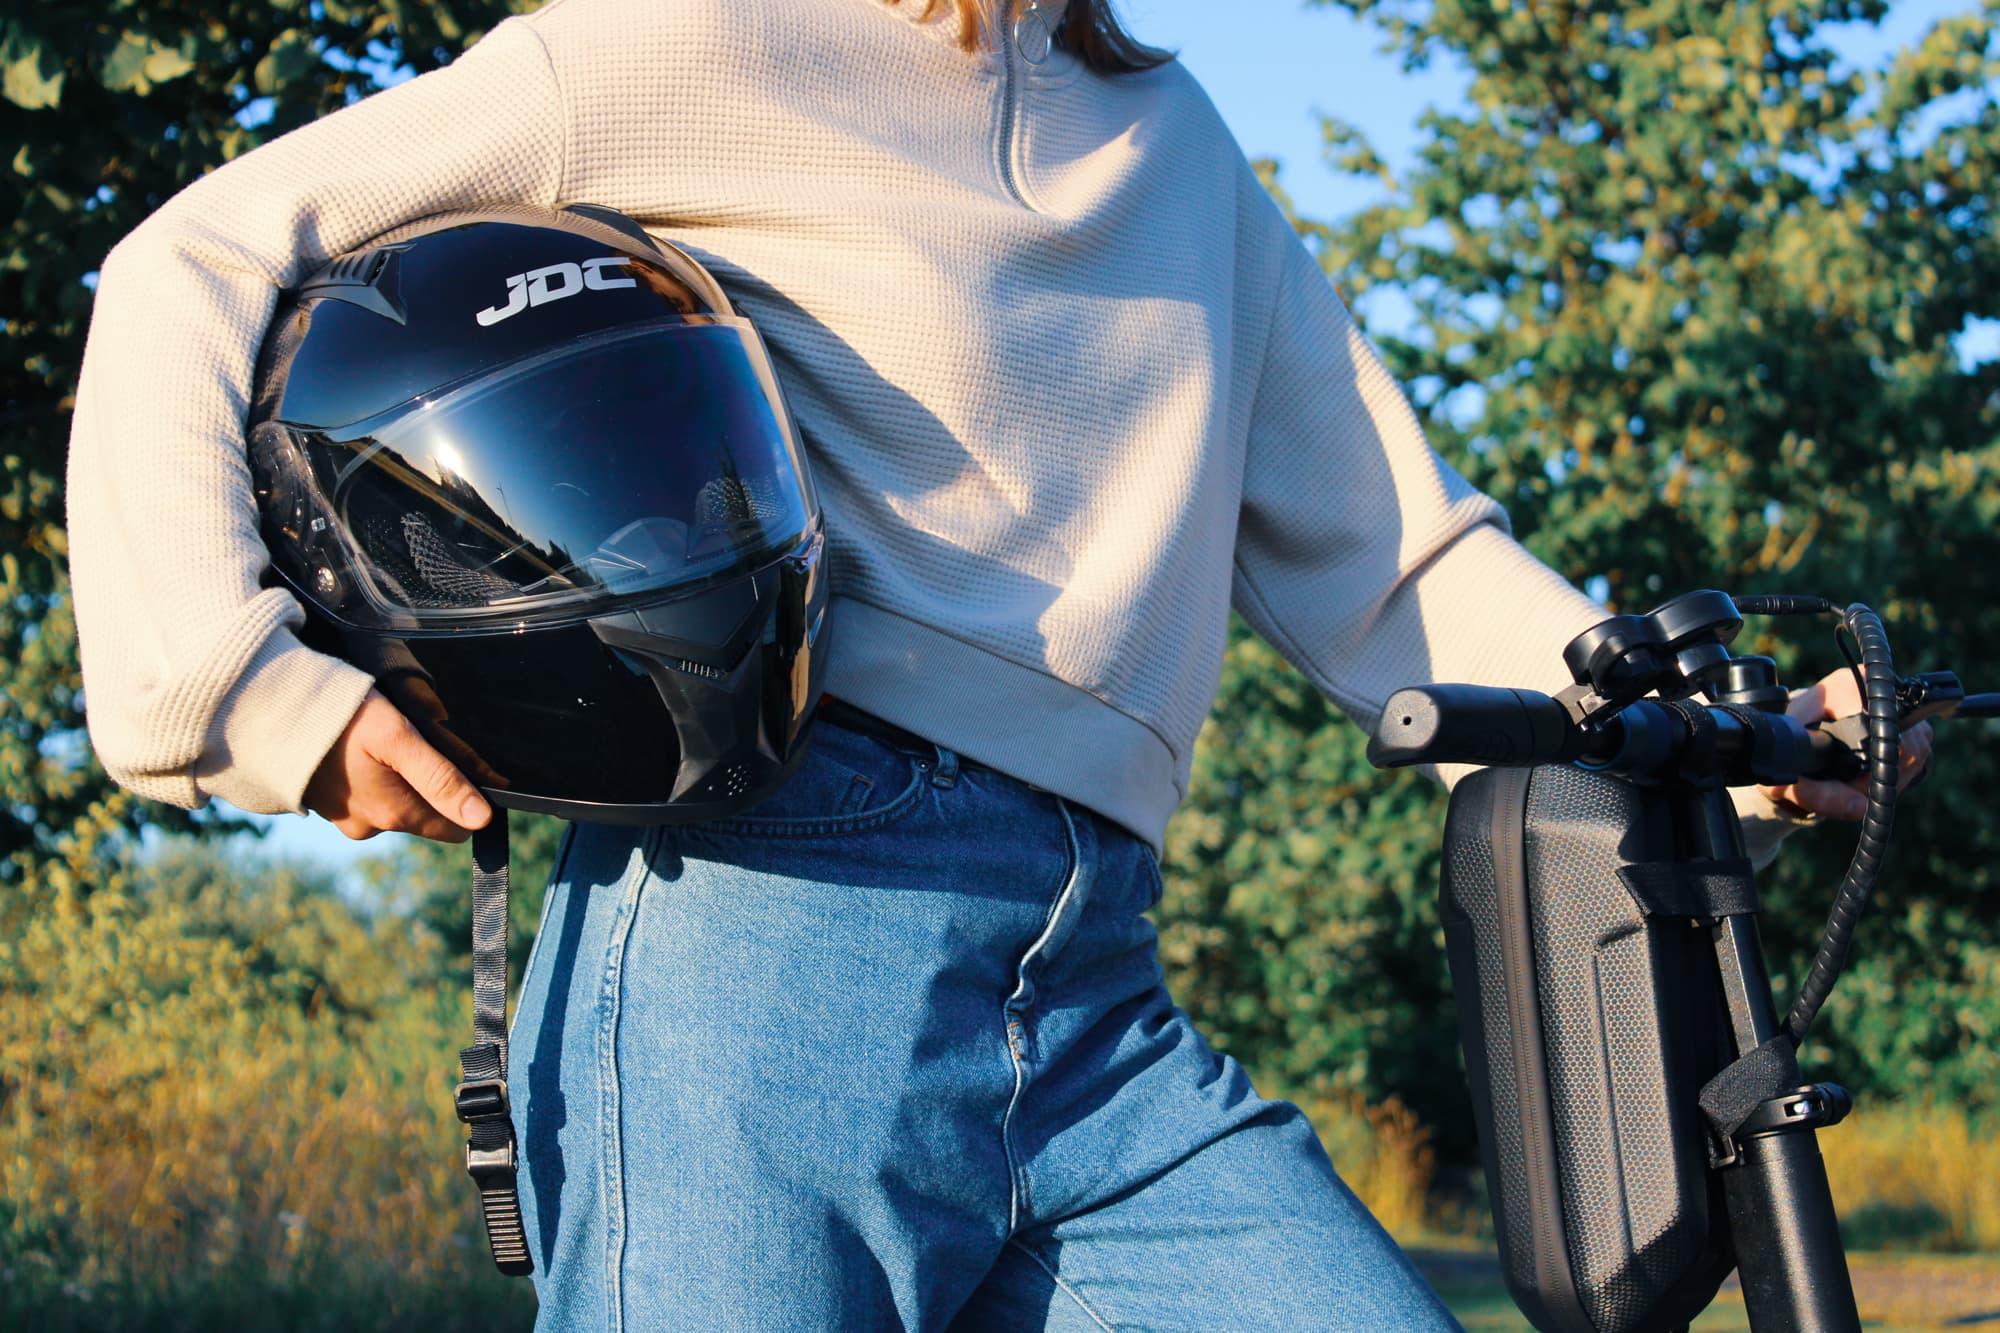 Elektrikli scooter kullanırken koruyucu ekipman şart #1